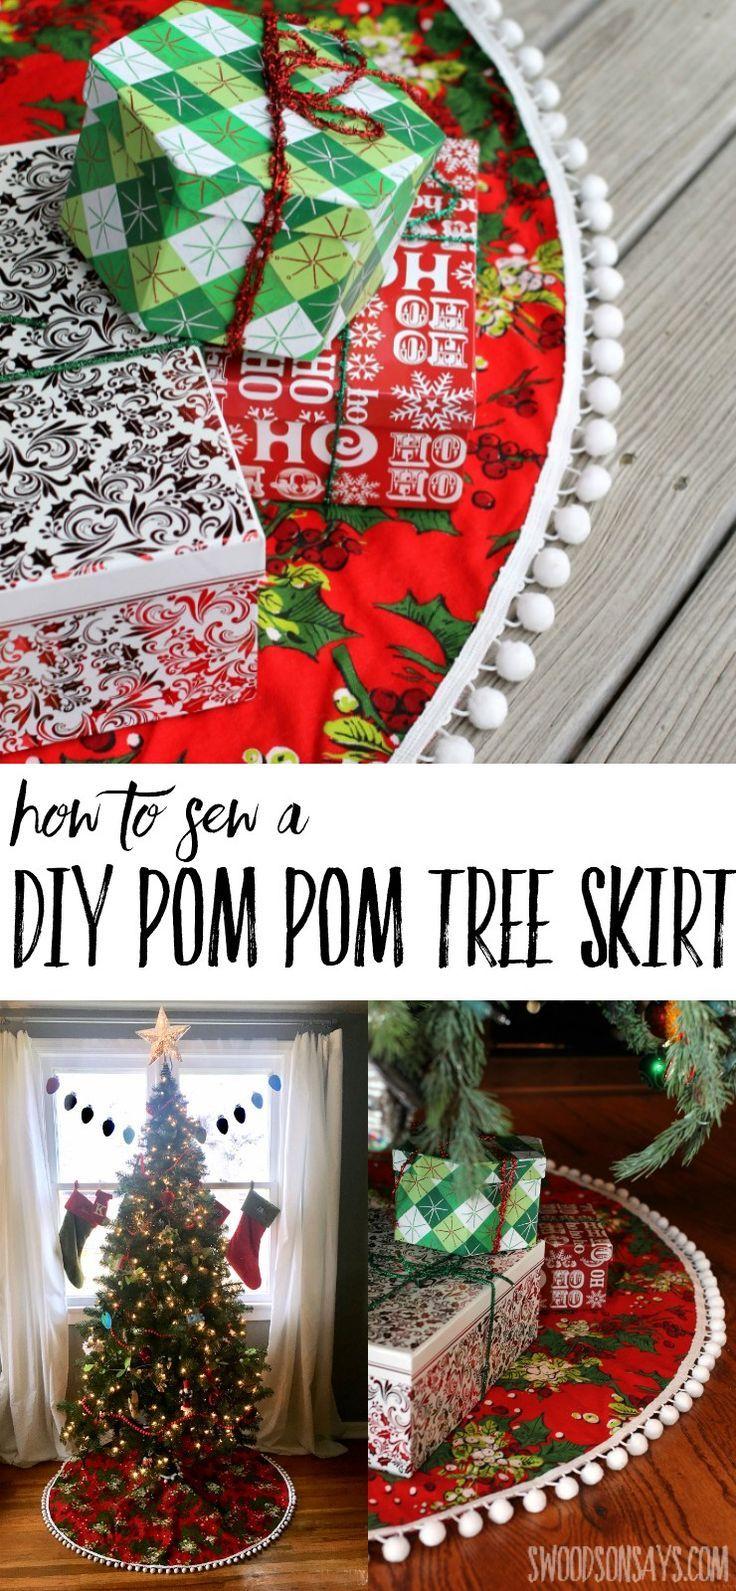 How To Sew a DIY Pom Pom Tree Skirt DIY Christmas Tree Ornaments